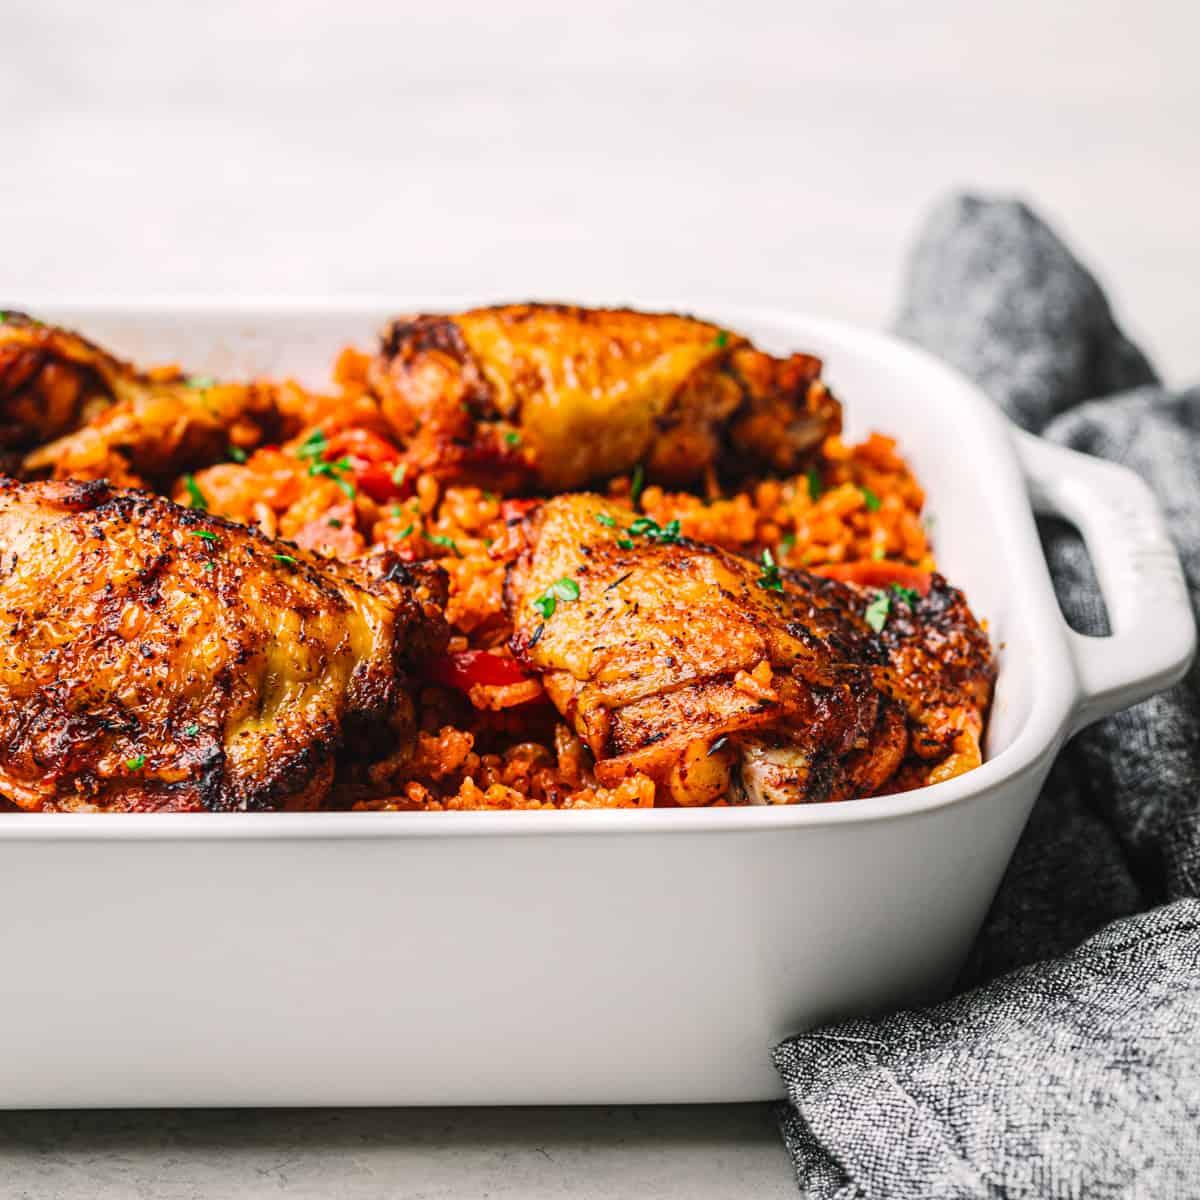 Spanish Rice with Chicken and Chorizo